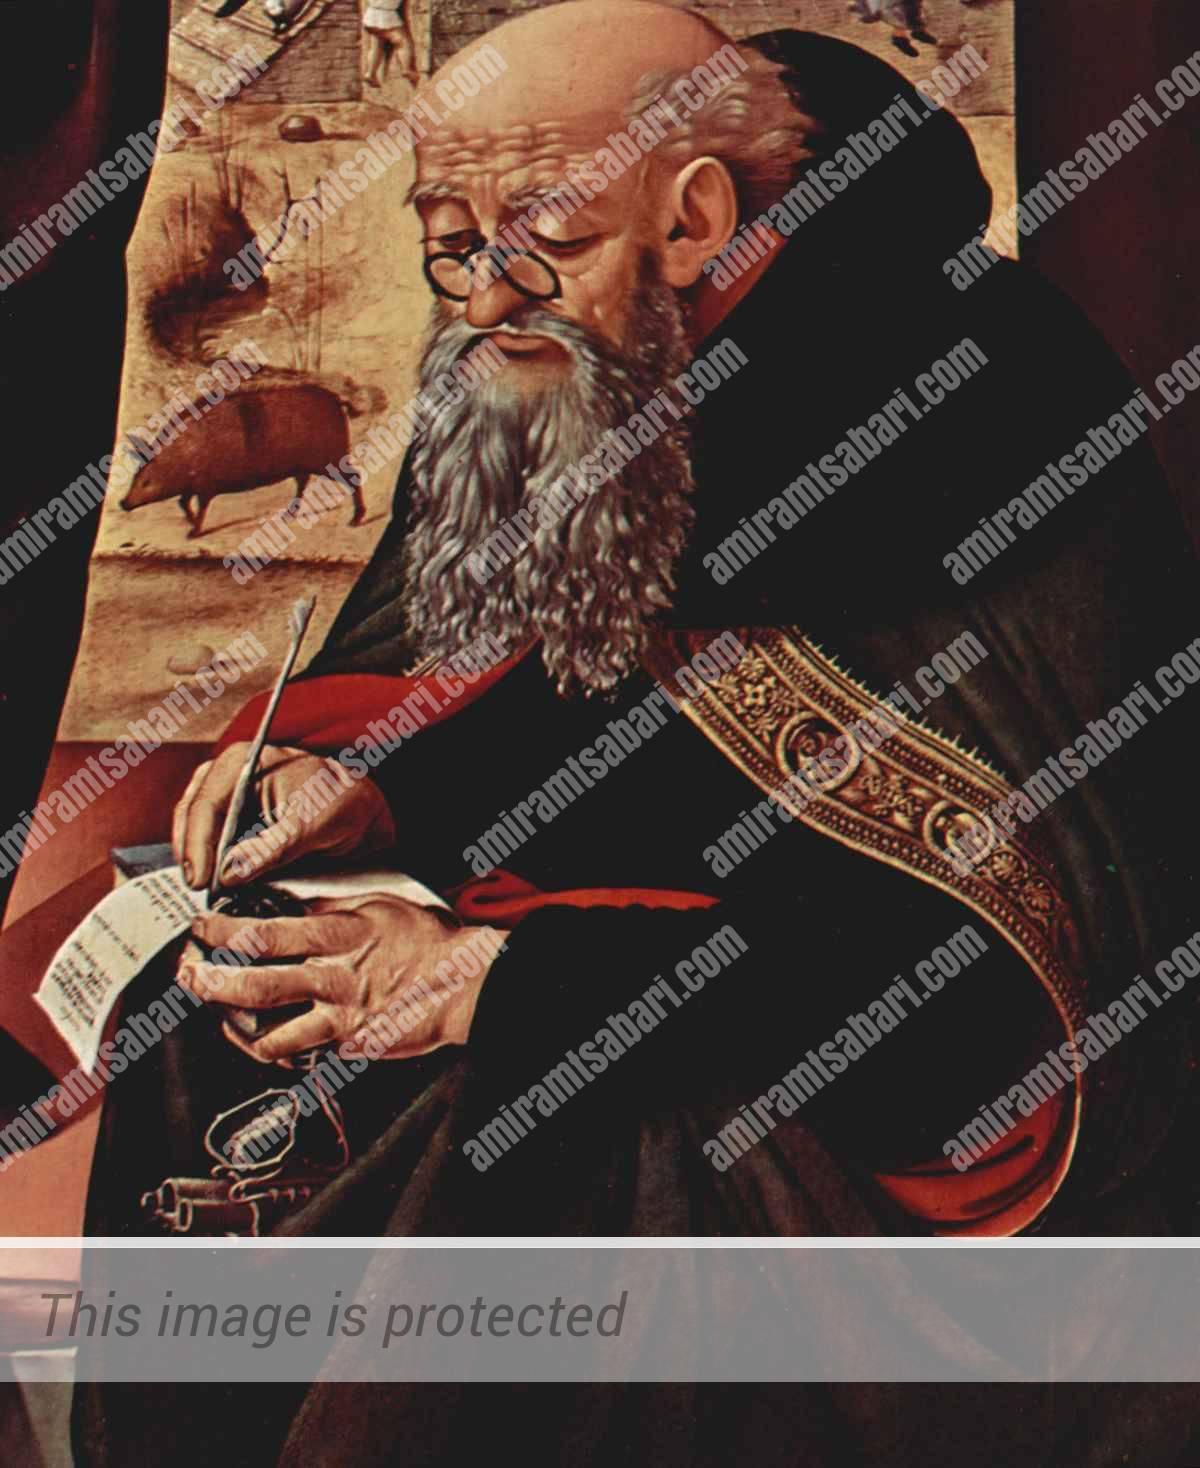 אנטוניוס הגדול אבי הנזירים,